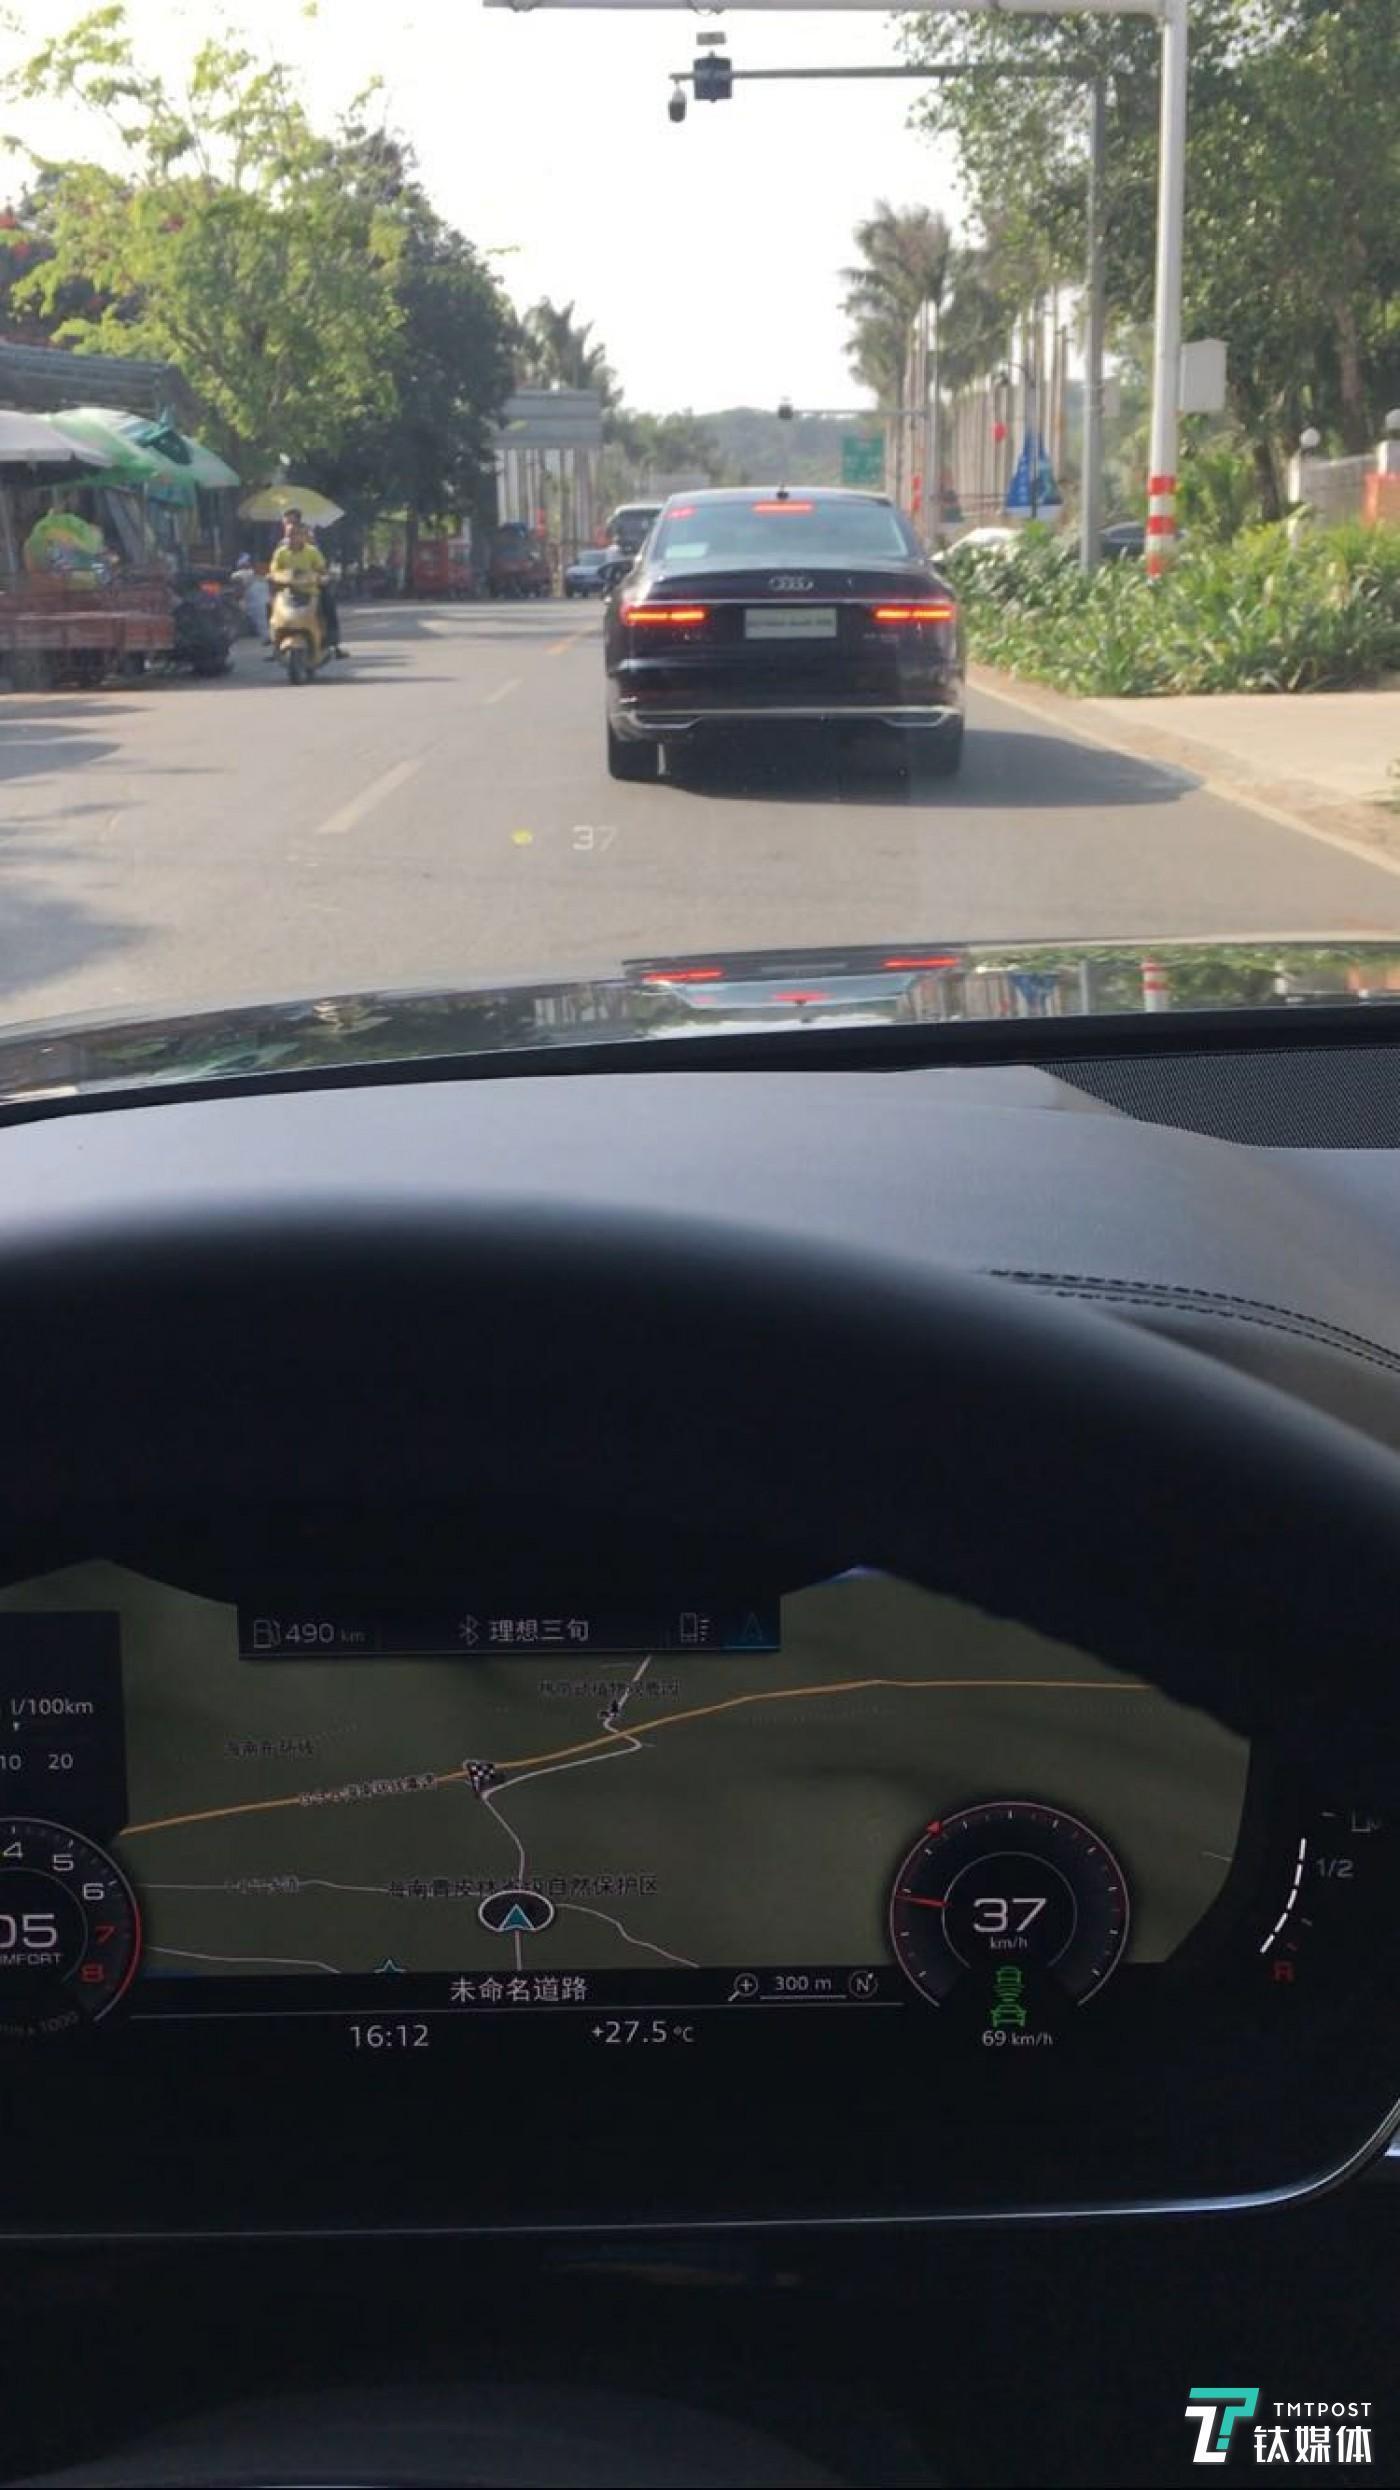 城区道路下的ACC全速自适应巡航